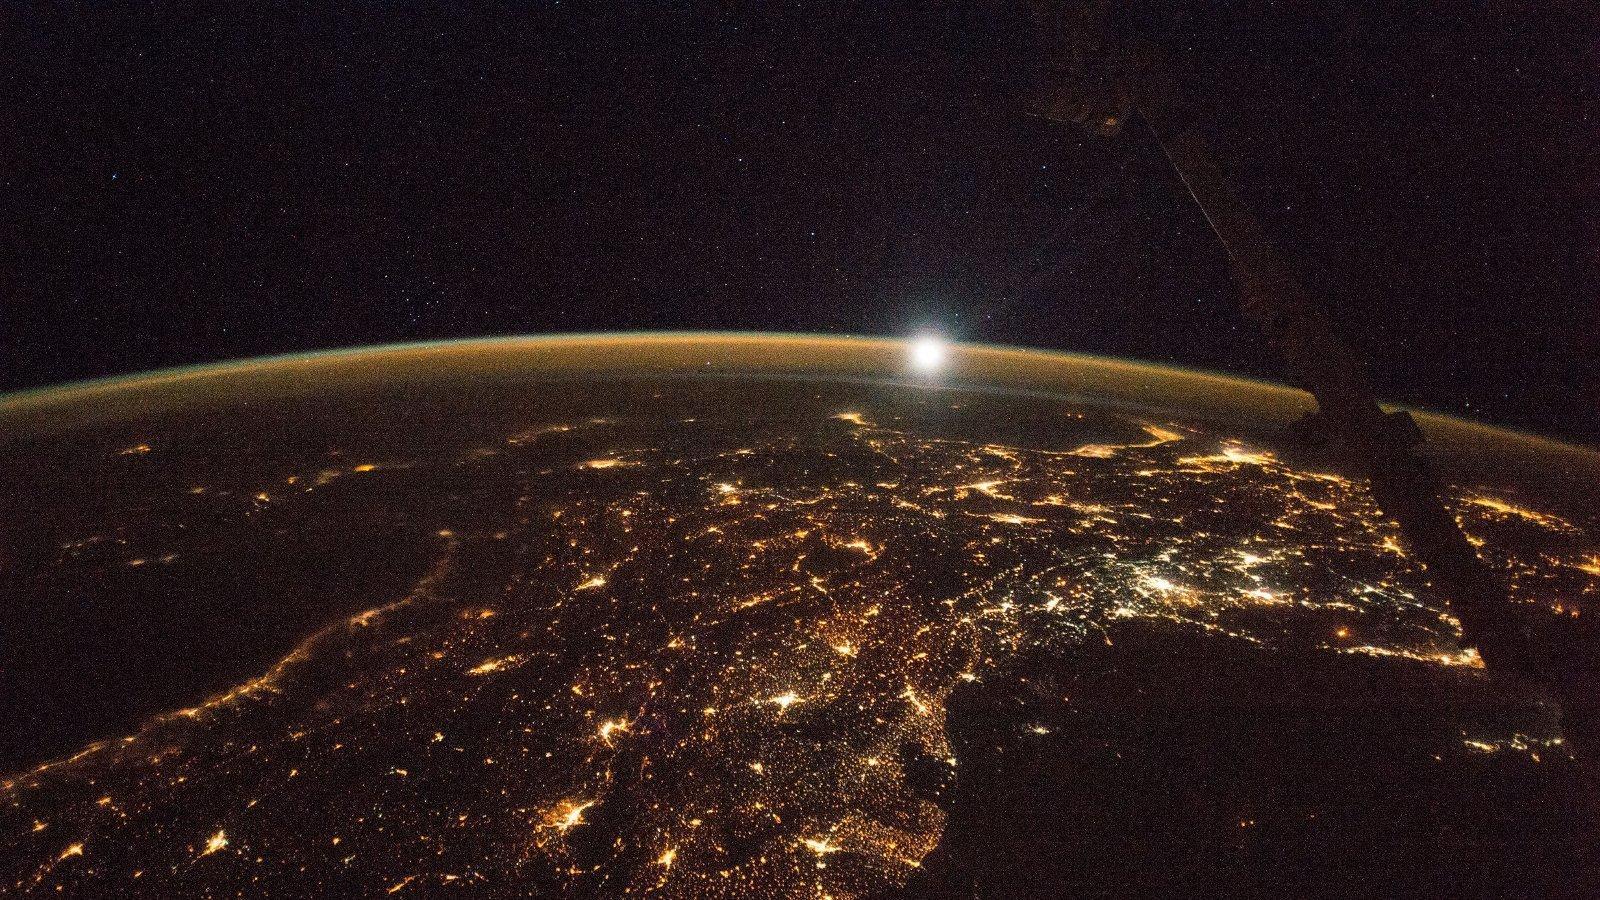 Die Erde bei Nacht, aufgenommen von der Internationalen Raumstation, mit vielen leuchtenden Städten, rechts im Bild ist ein dunkler Ausleger der Raumstation.